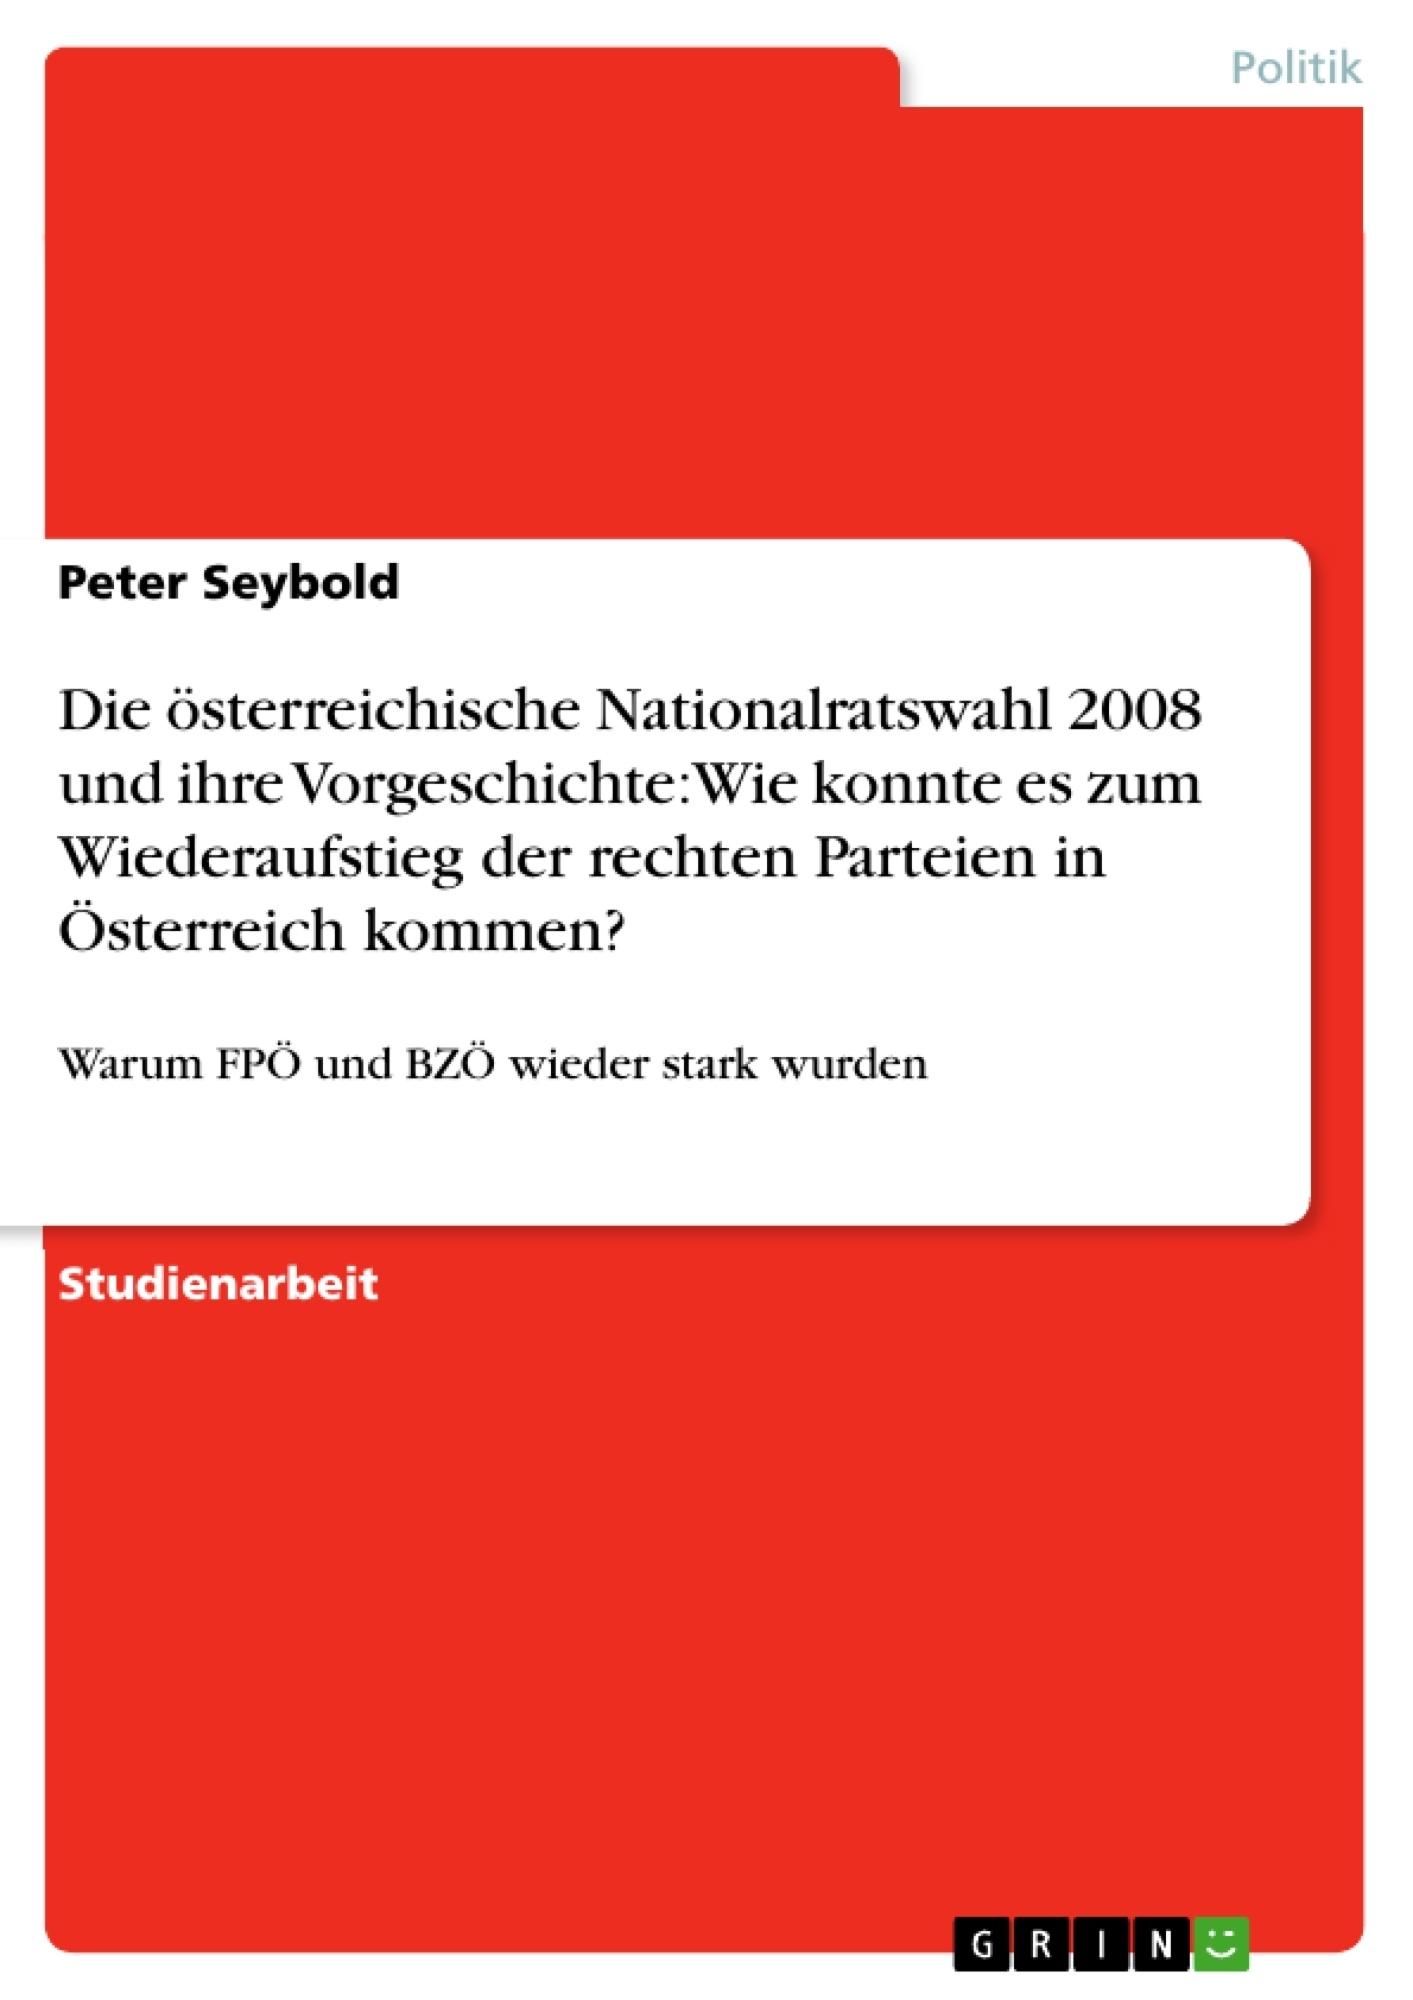 Titel: Die österreichische Nationalratswahl 2008 und ihre Vorgeschichte: Wie konnte es zum Wiederaufstieg der rechten Parteien in Österreich kommen?